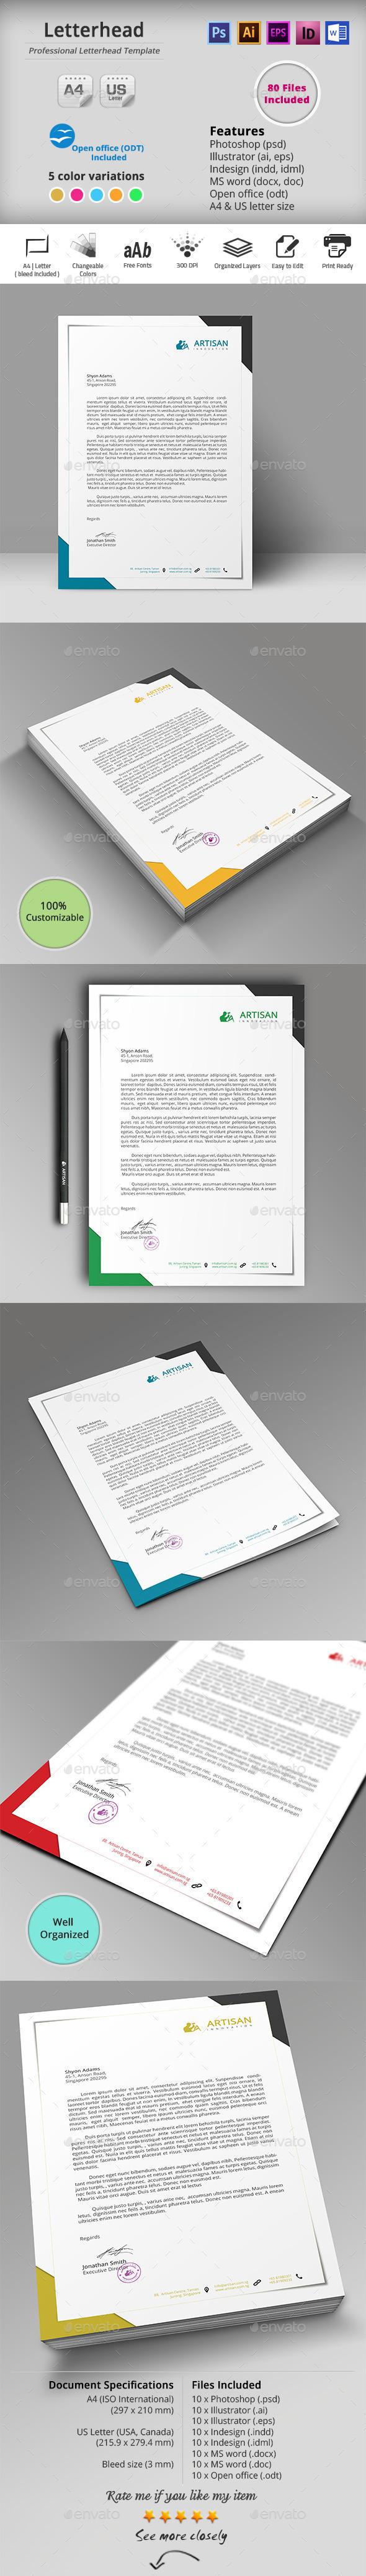 GraphicRiver Letterhead 10287939